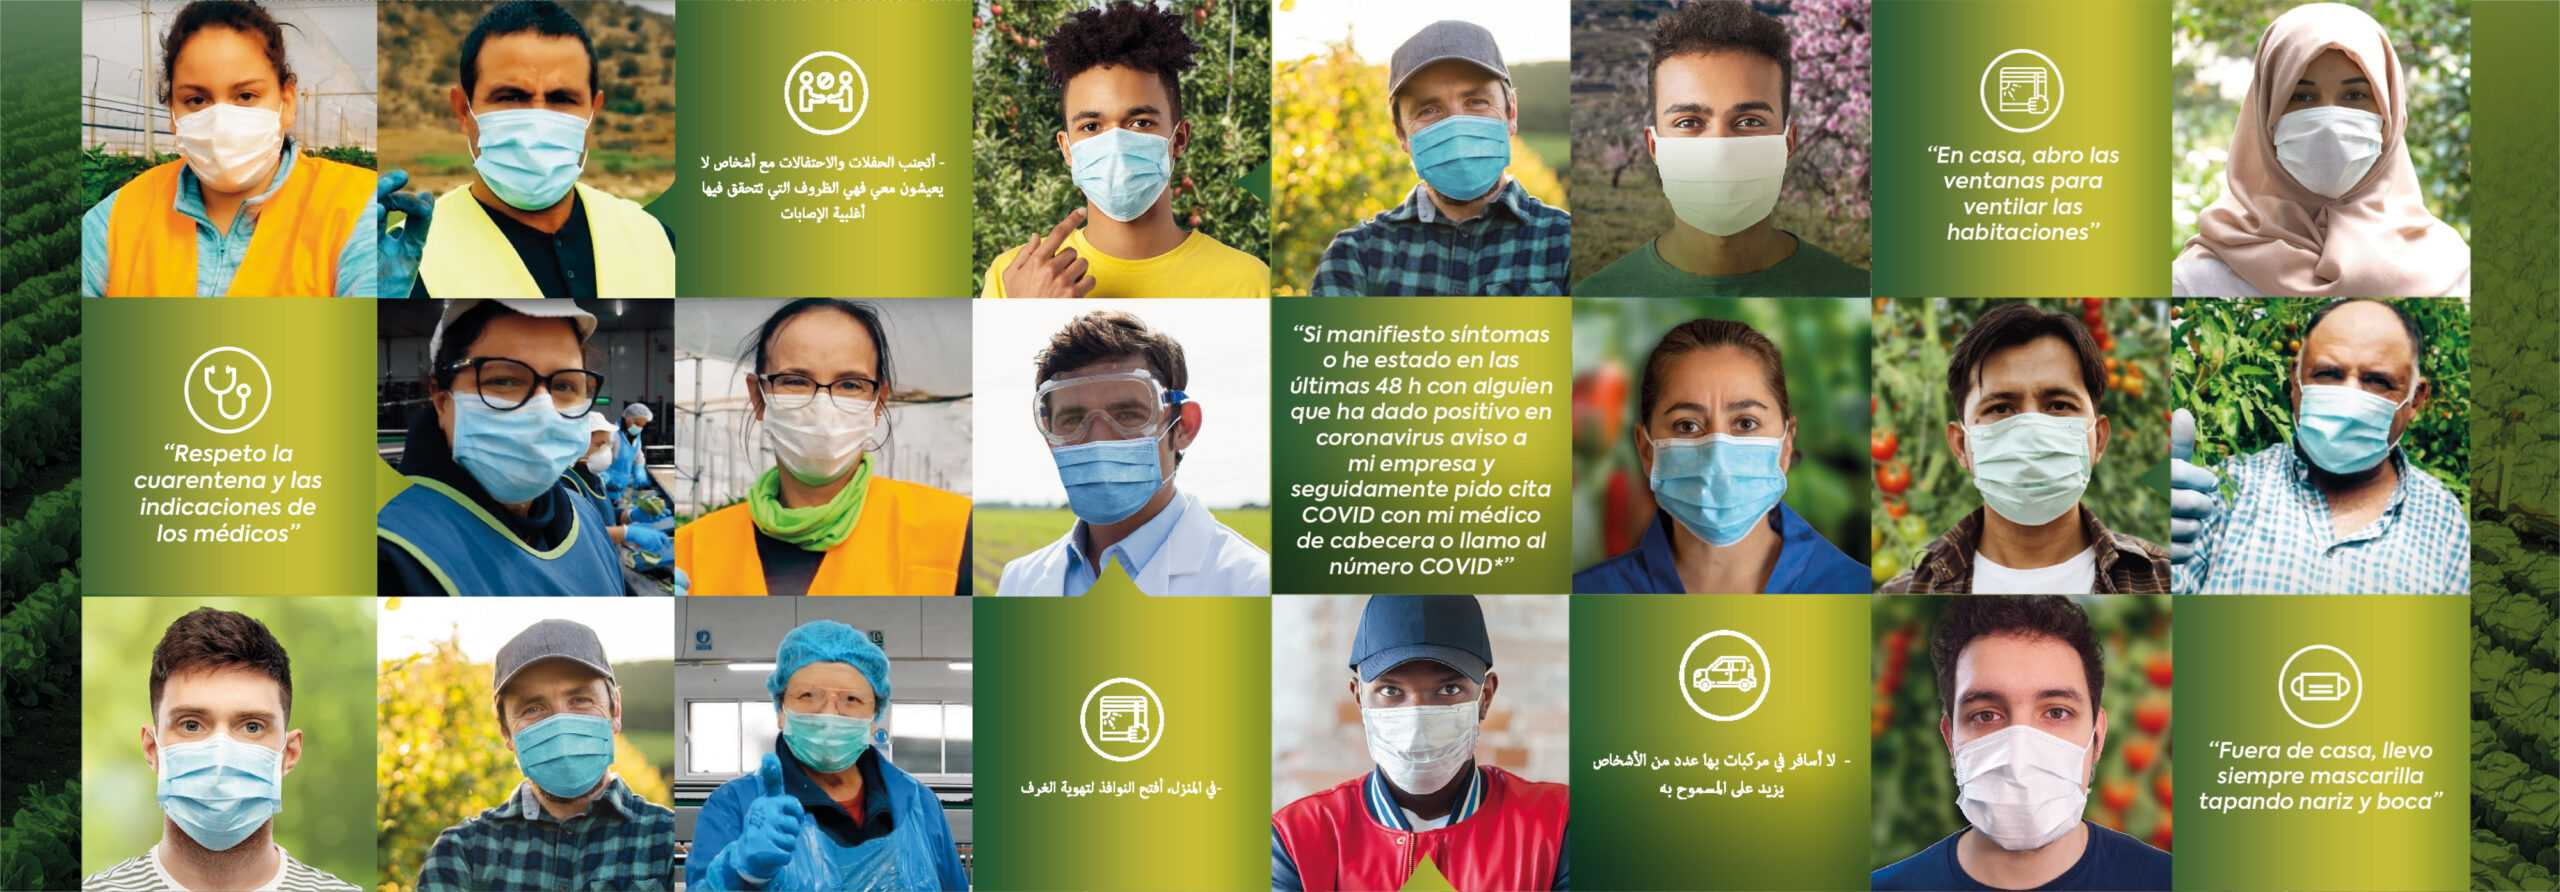 Campaña 'Juntos contra el COVID-19'